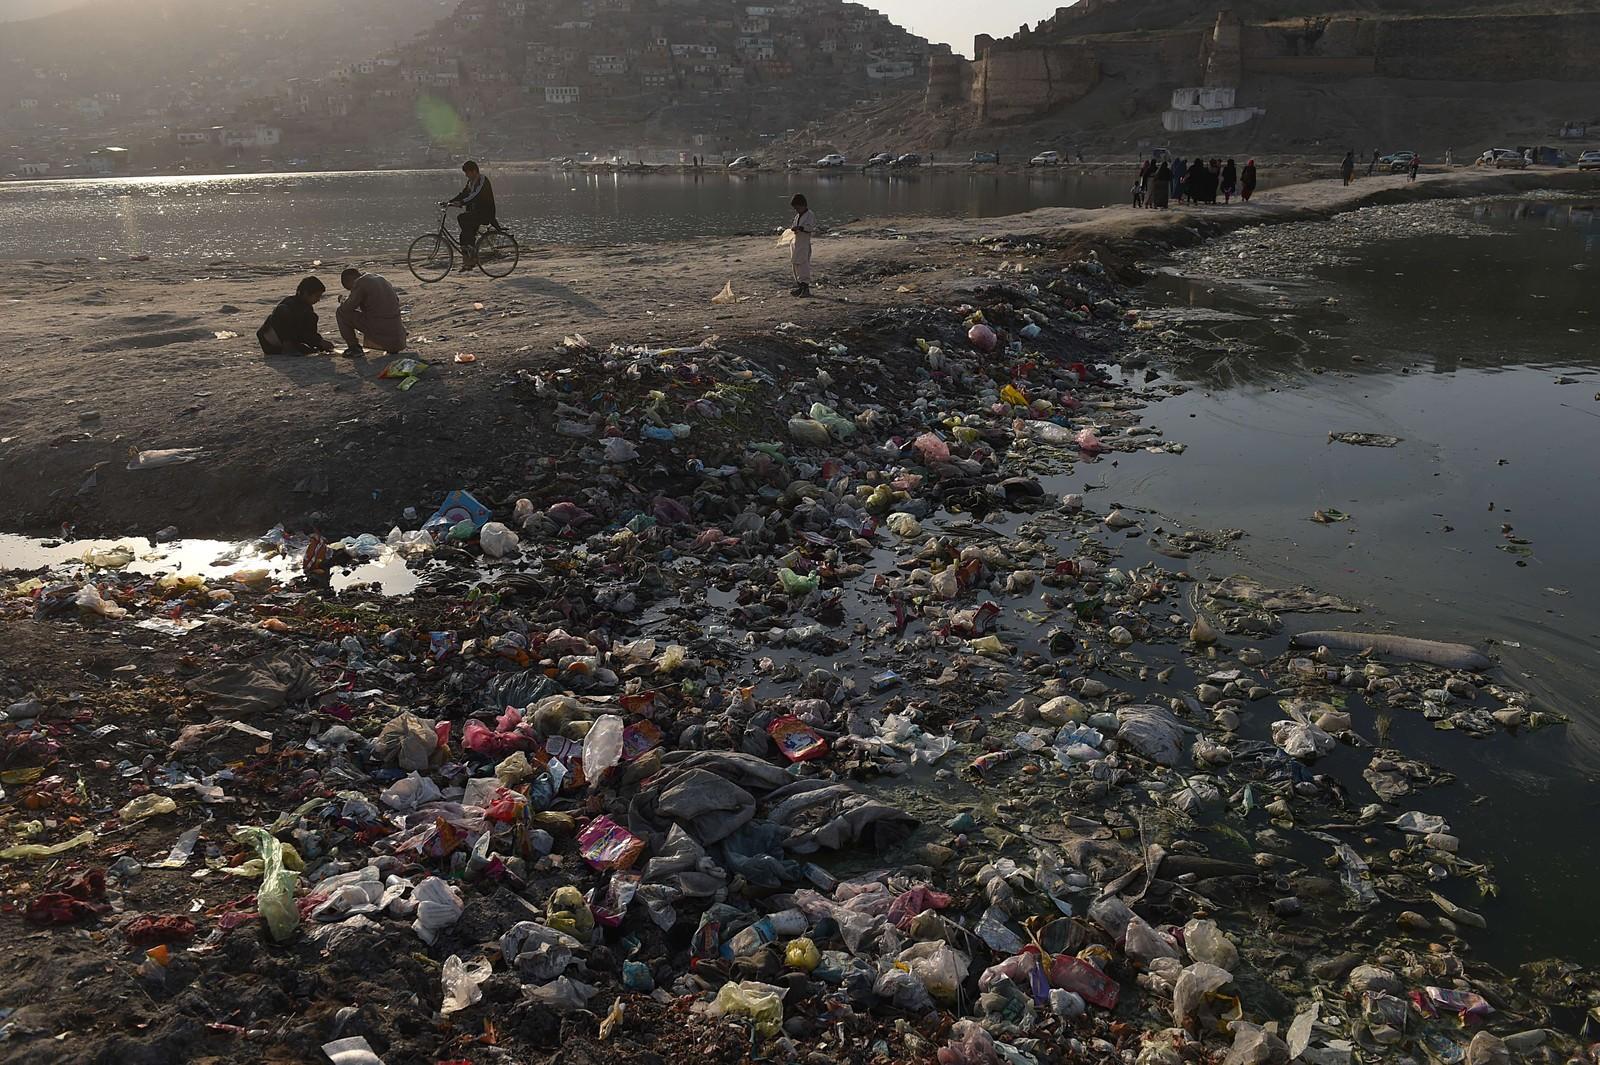 Innbyggere ved den forurensede Shuhadainnsjøen i Kabul i Afghanistan.